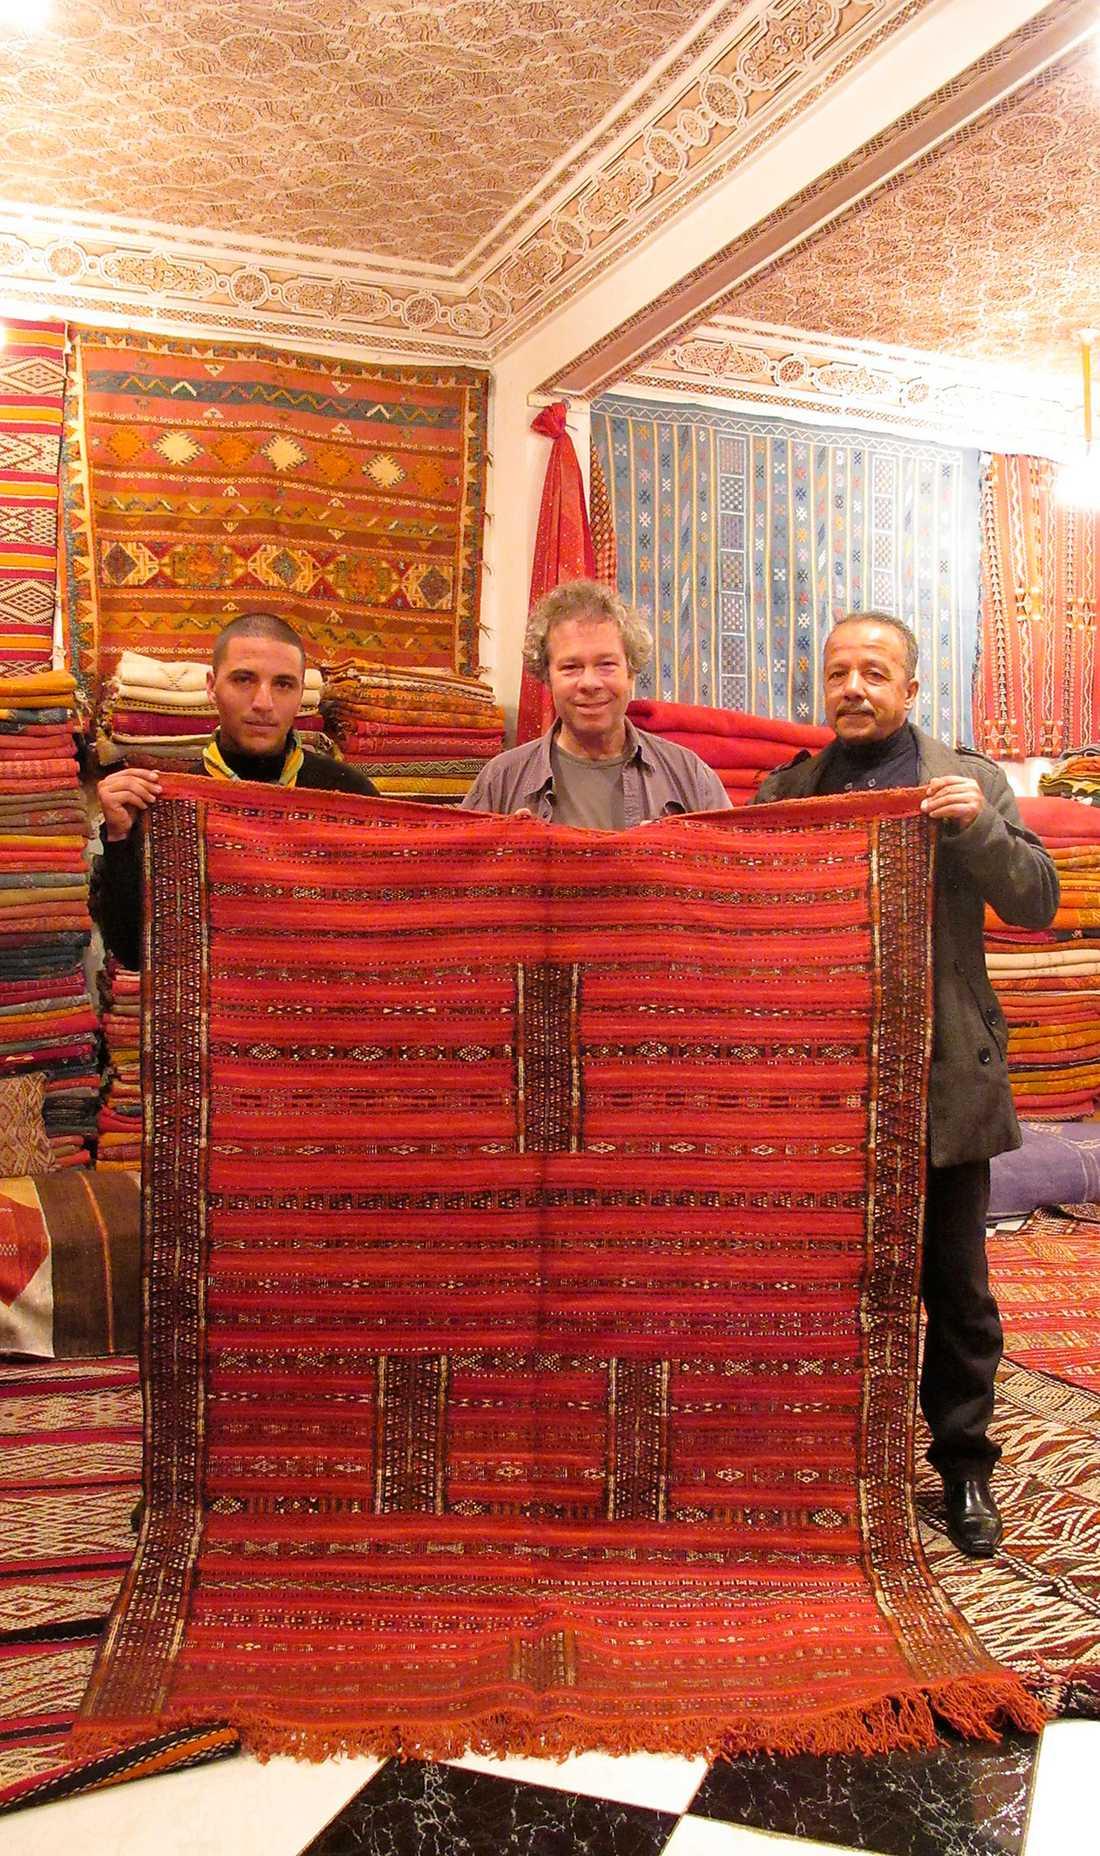 Muhammed är hjälpredan som gör grovjobbet, Abdul sköter snacket. Och mattan och Robert, visst ser de ungefär lika gamla ut?